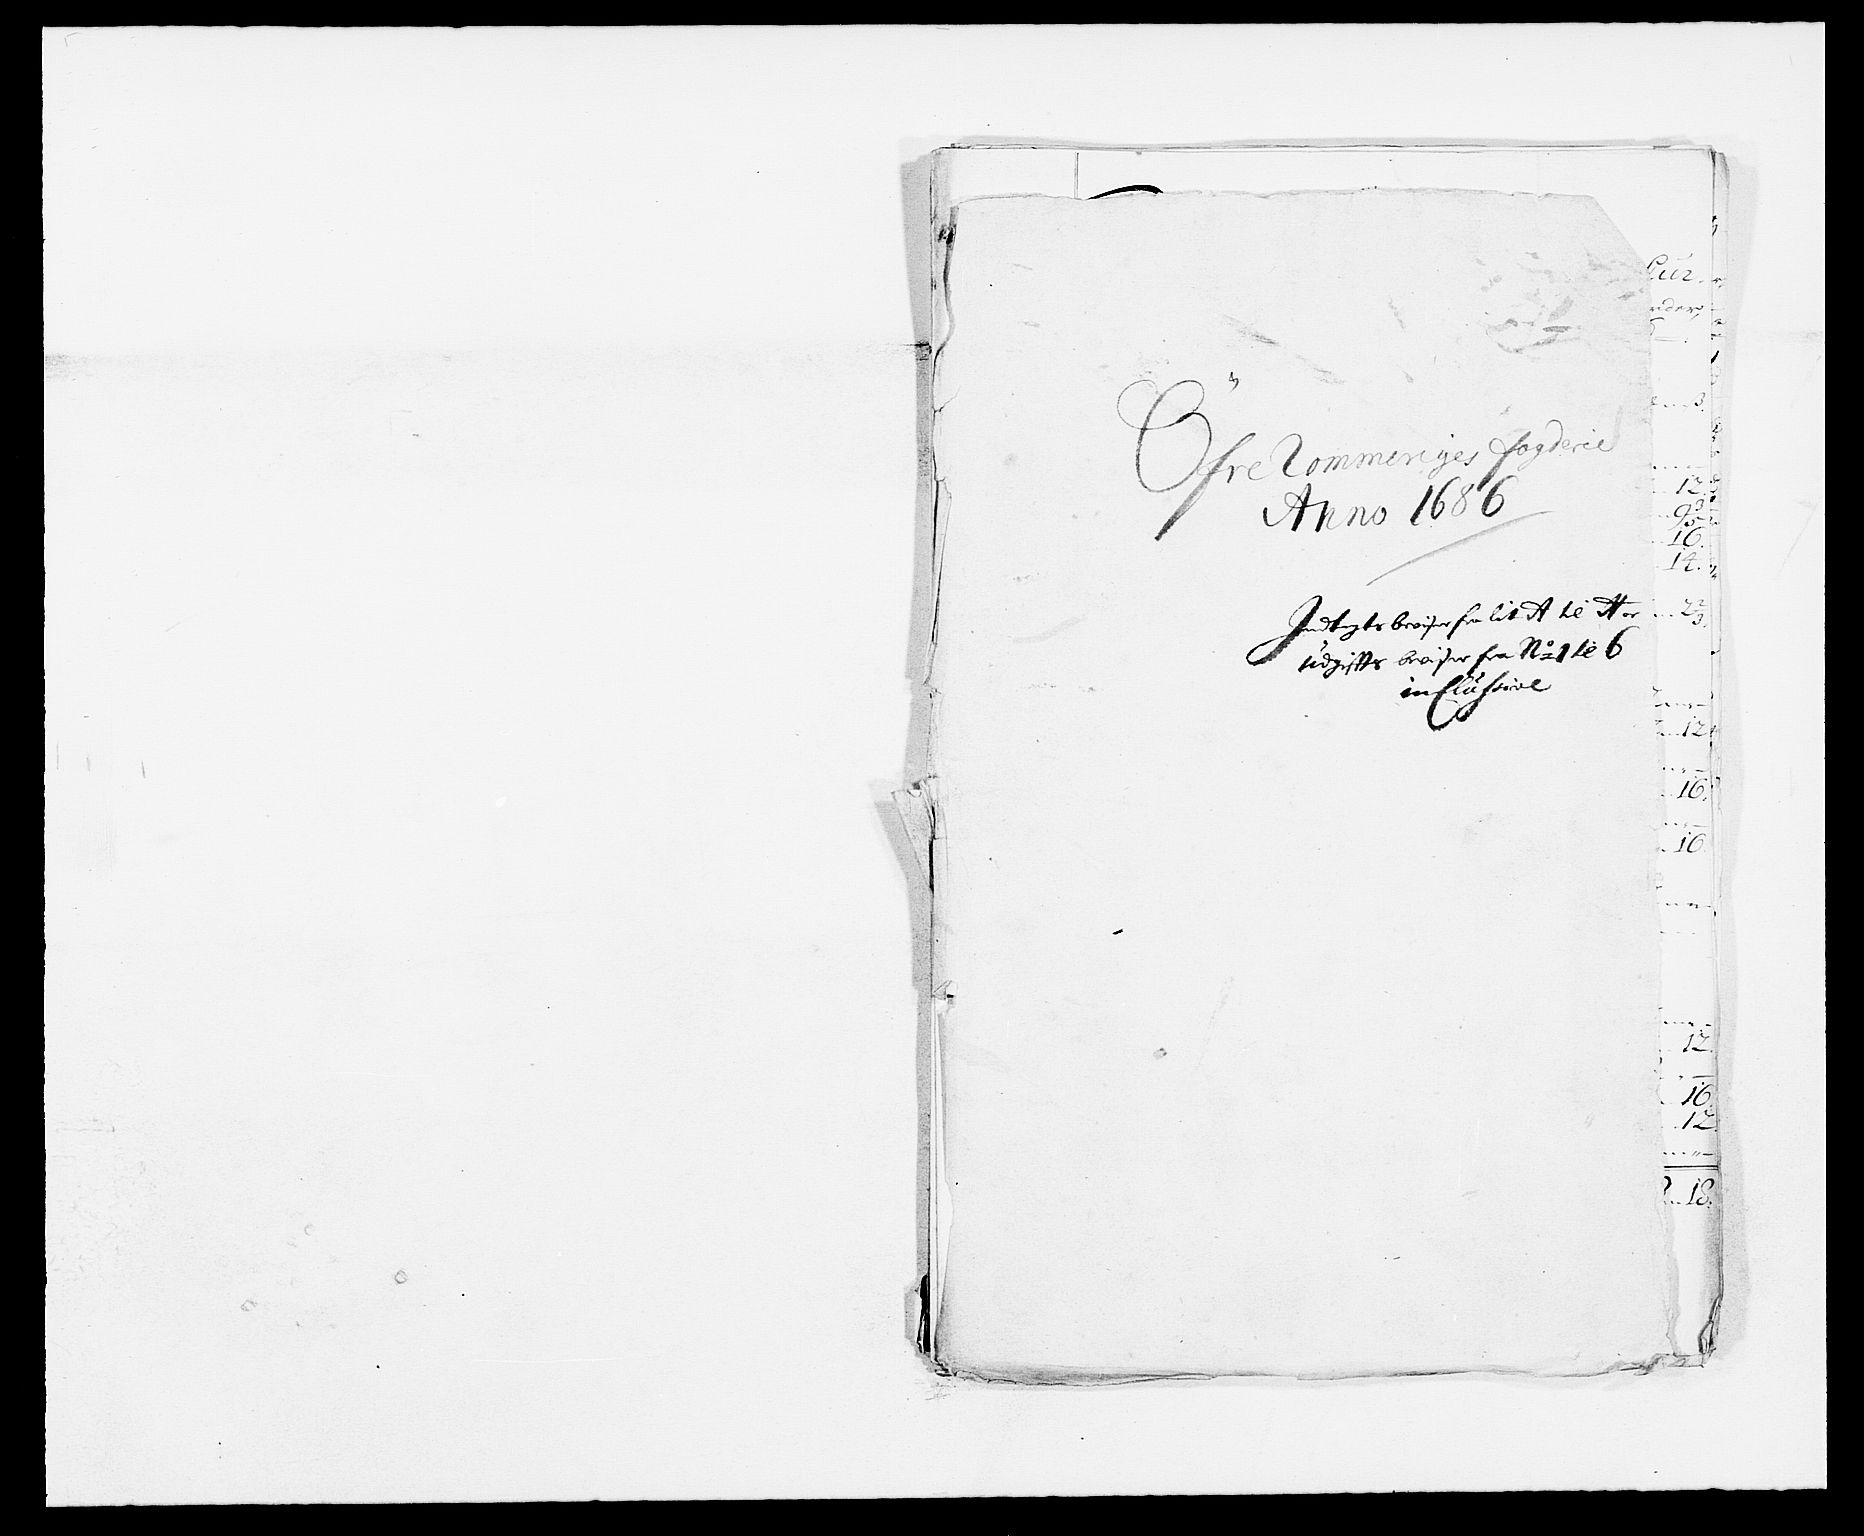 RA, Rentekammeret inntil 1814, Reviderte regnskaper, Fogderegnskap, R12/L0699: Fogderegnskap Øvre Romerike, 1685-1686, s. 324